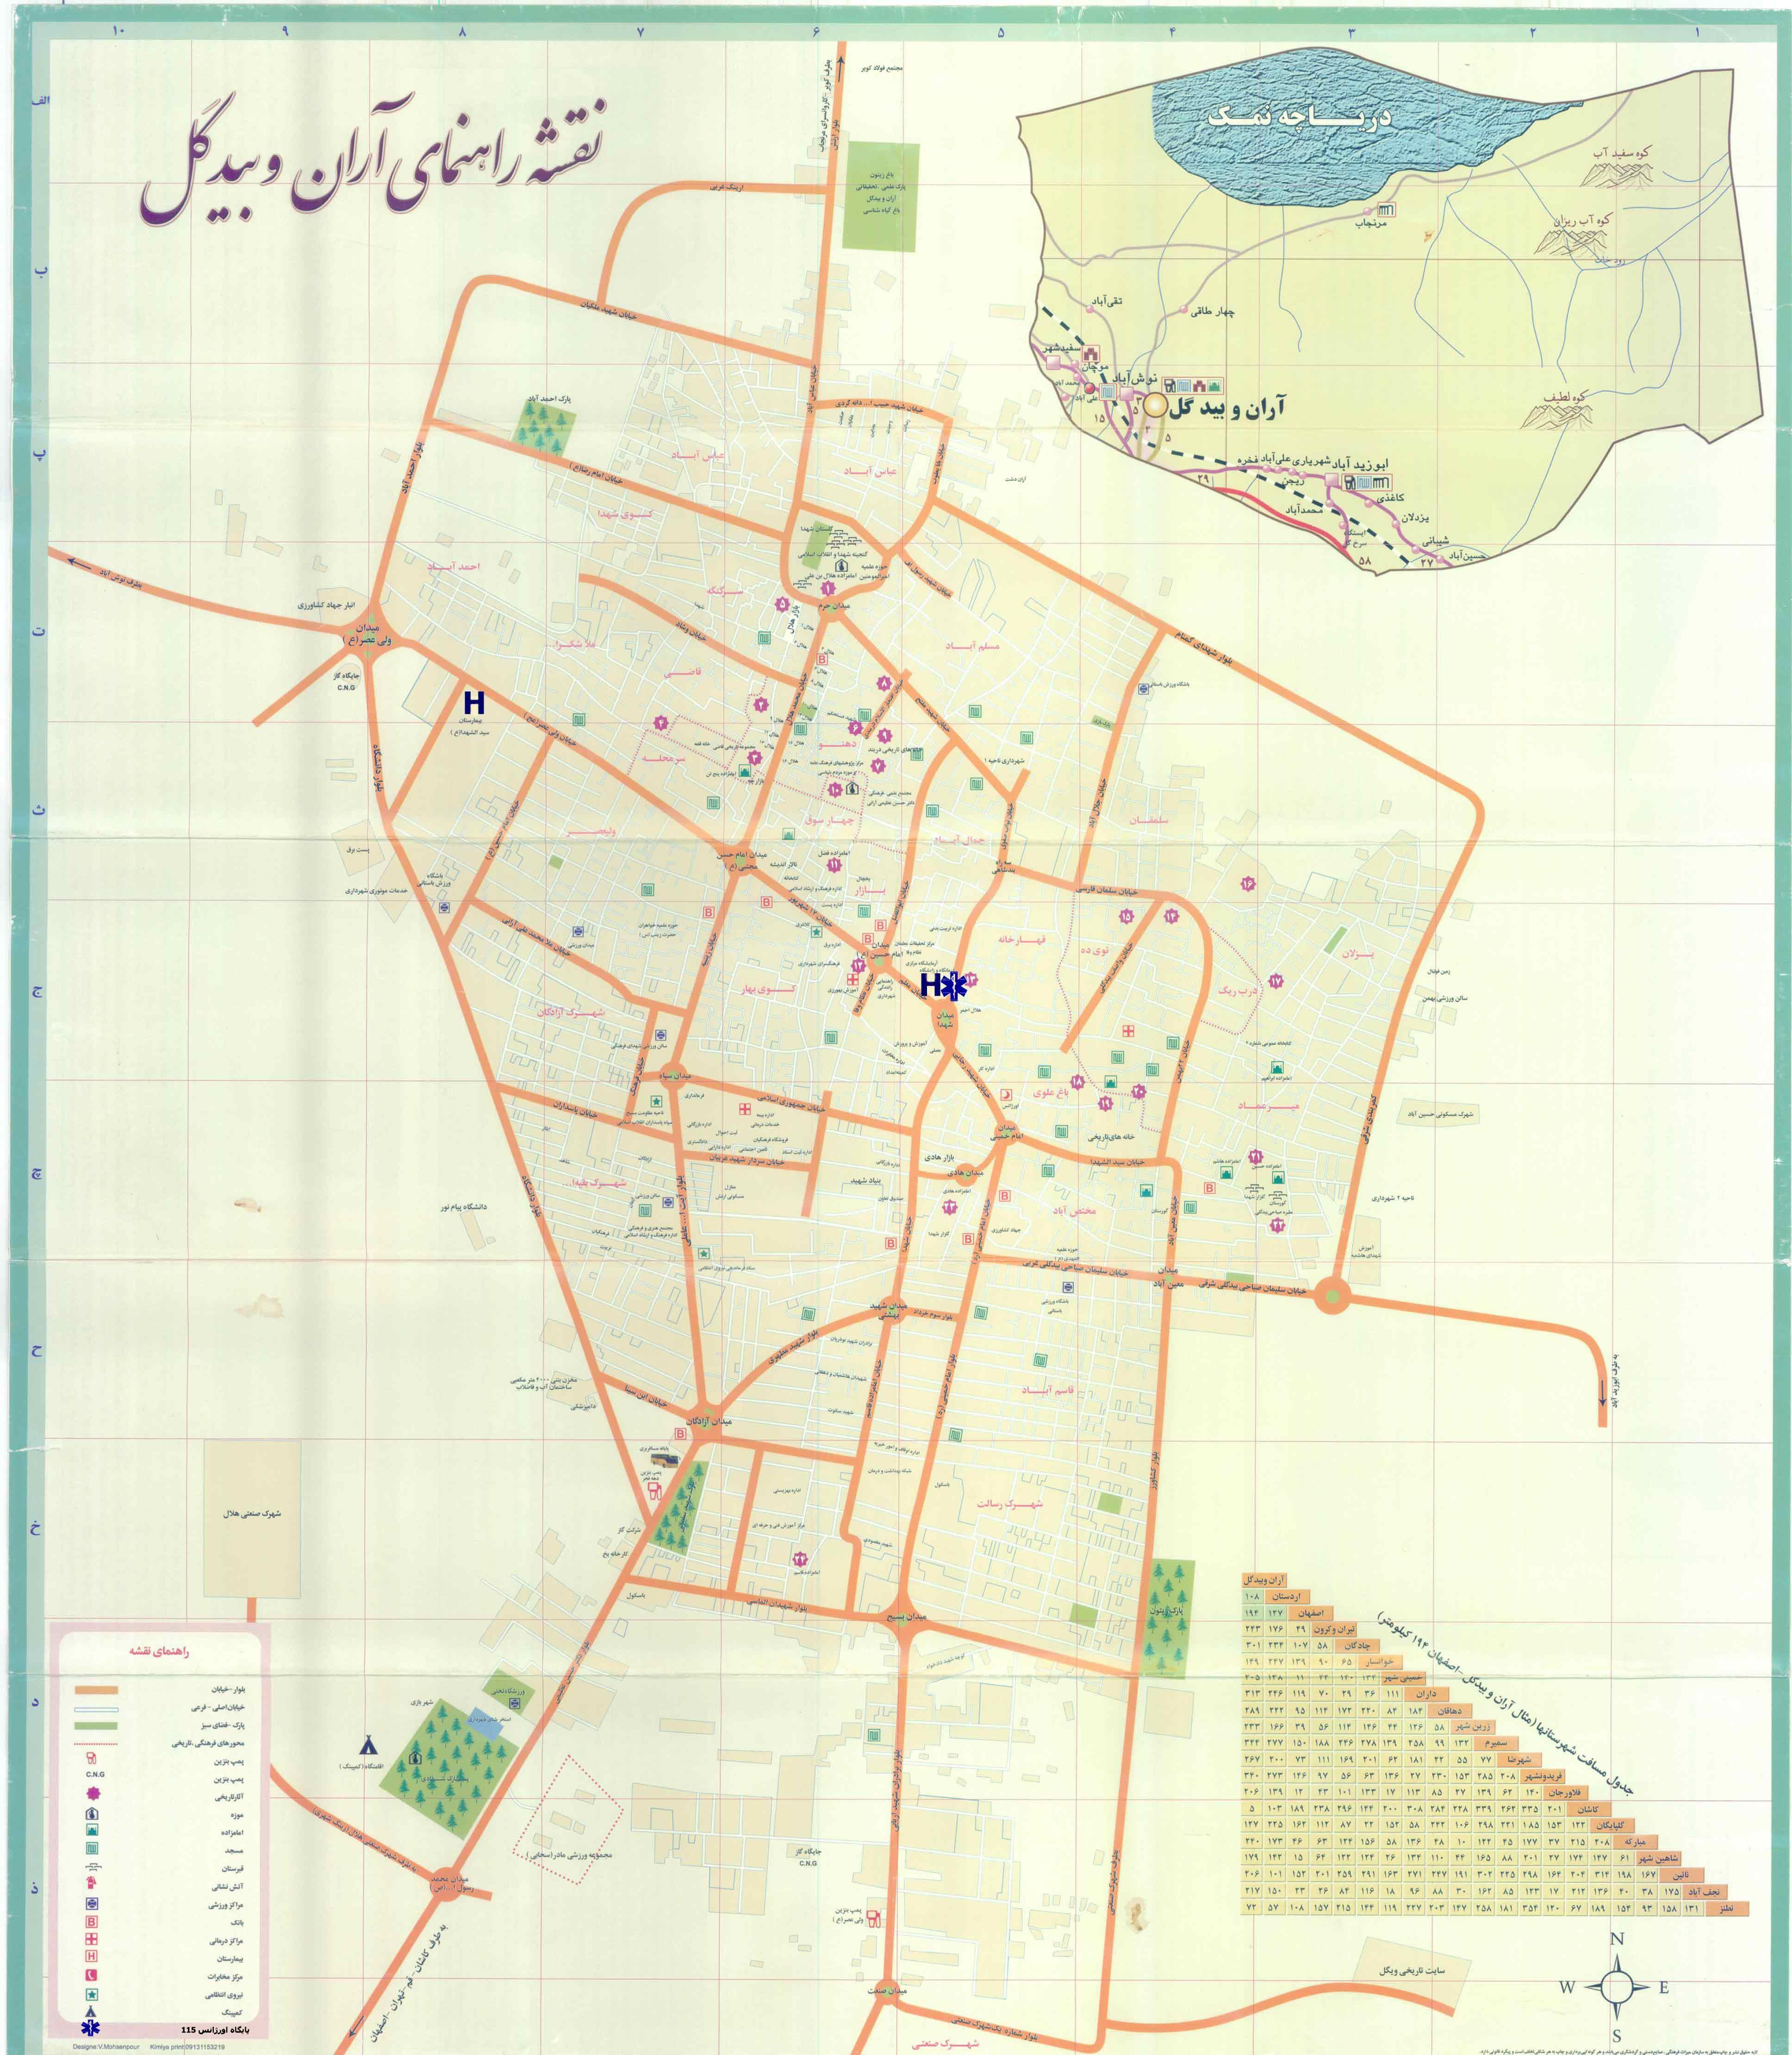 هتل ستاد 2 در مشهد - نقشه کاشان و مناطق اطراف آن @ كي آشيان - سایت جامع ...